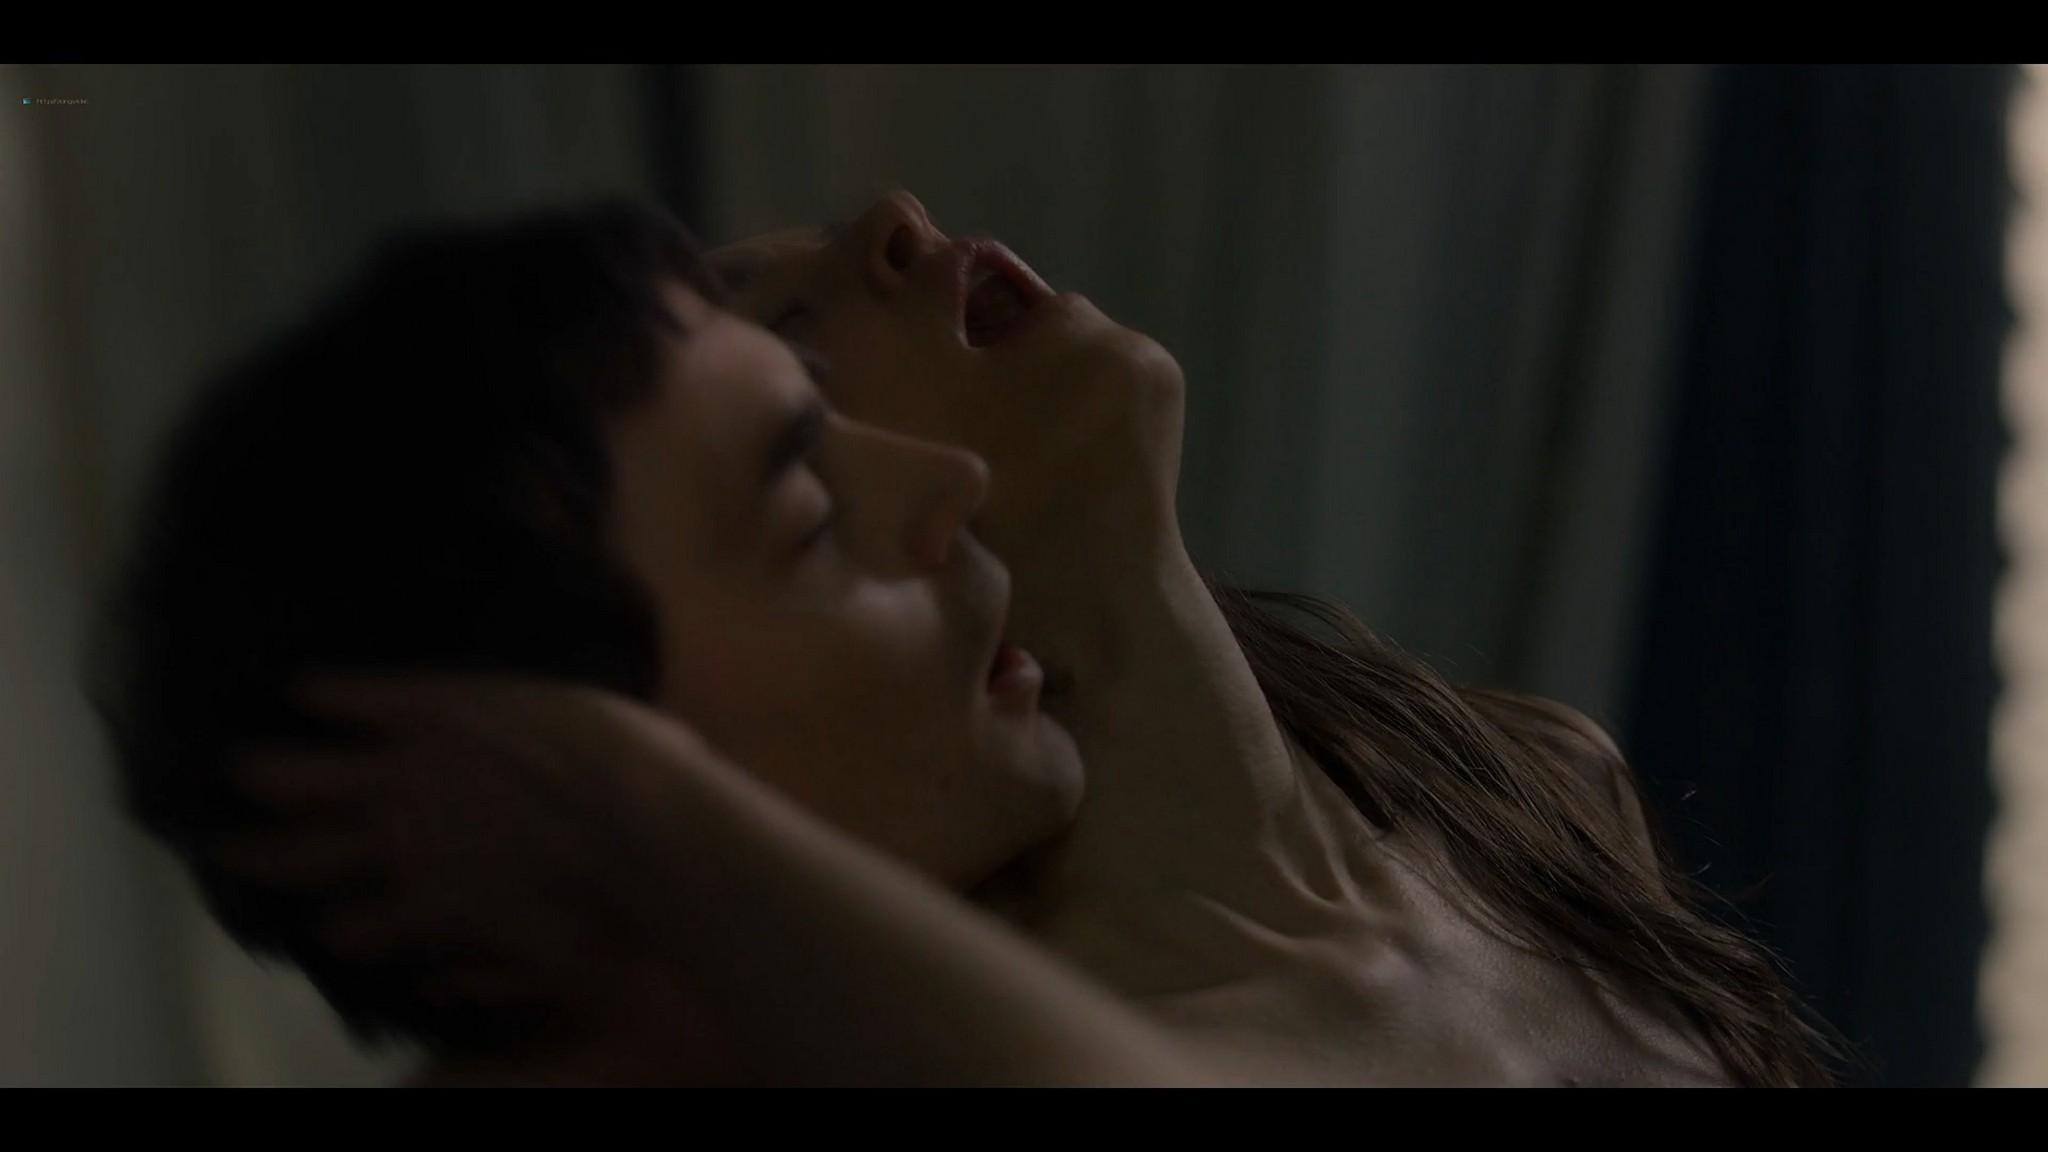 Kasia Smutniak nude sex Alais Lawson nude butt Domina 2021 S1 1080p Web 2